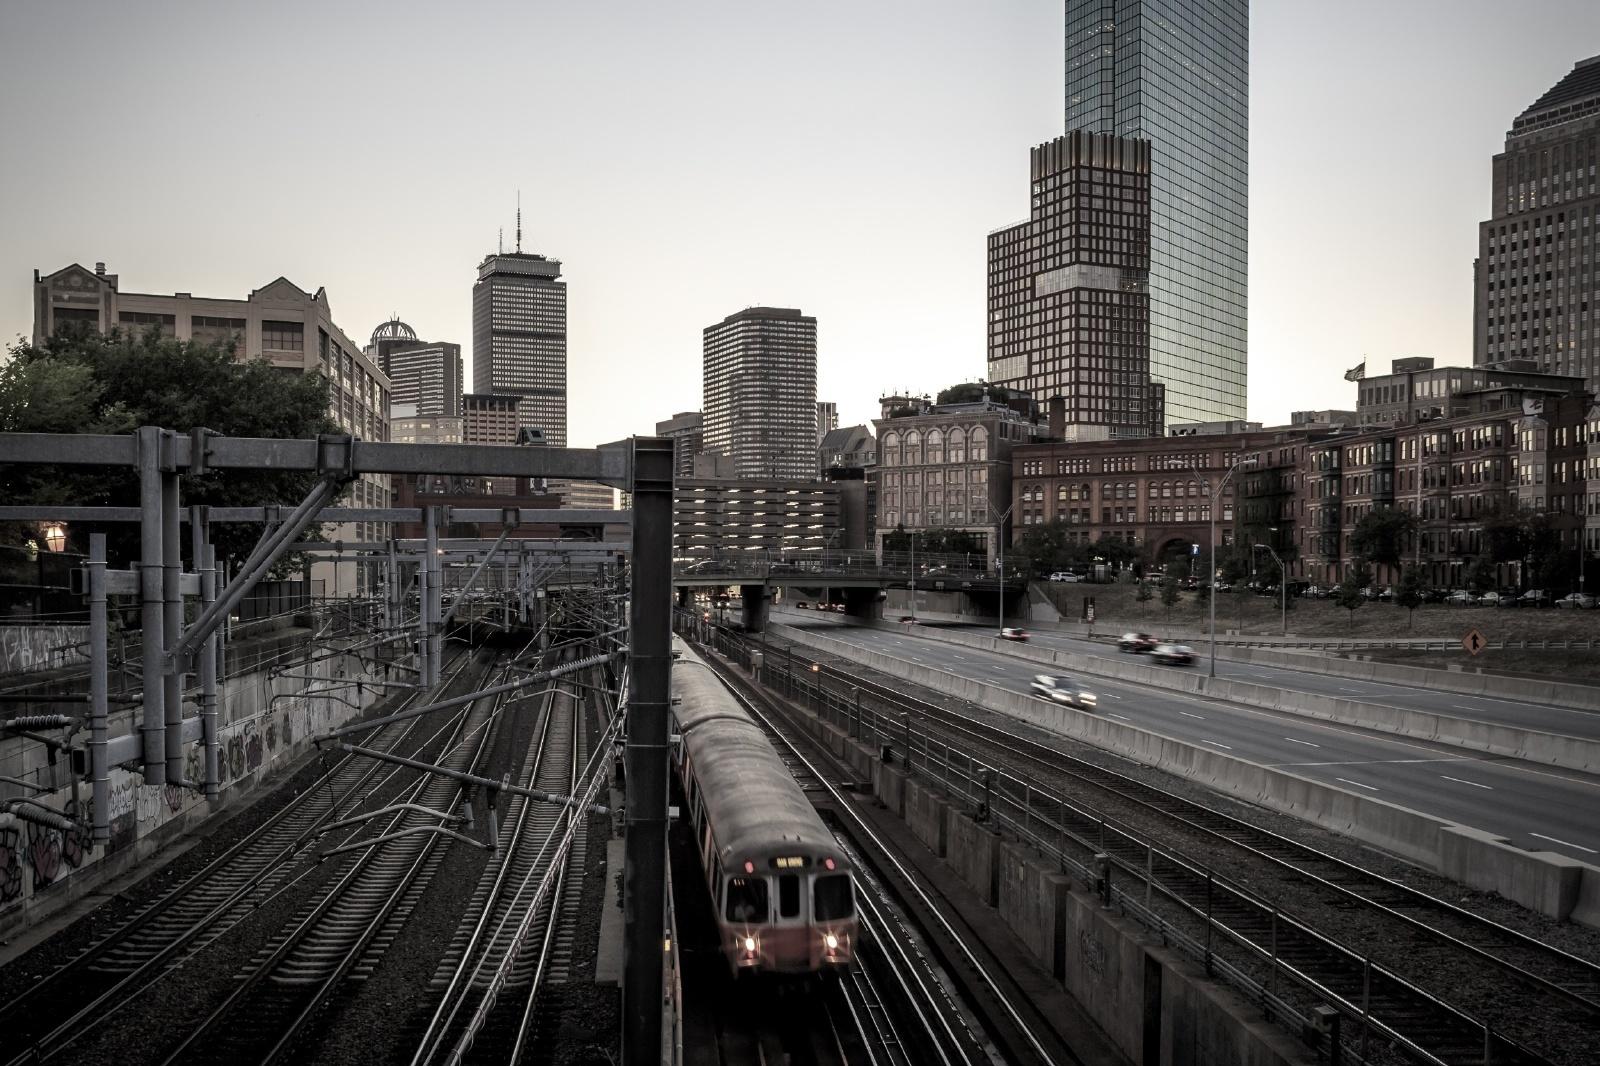 高層ビル群をバックに走るボストンの鉄道 アメリカの鉄道風景